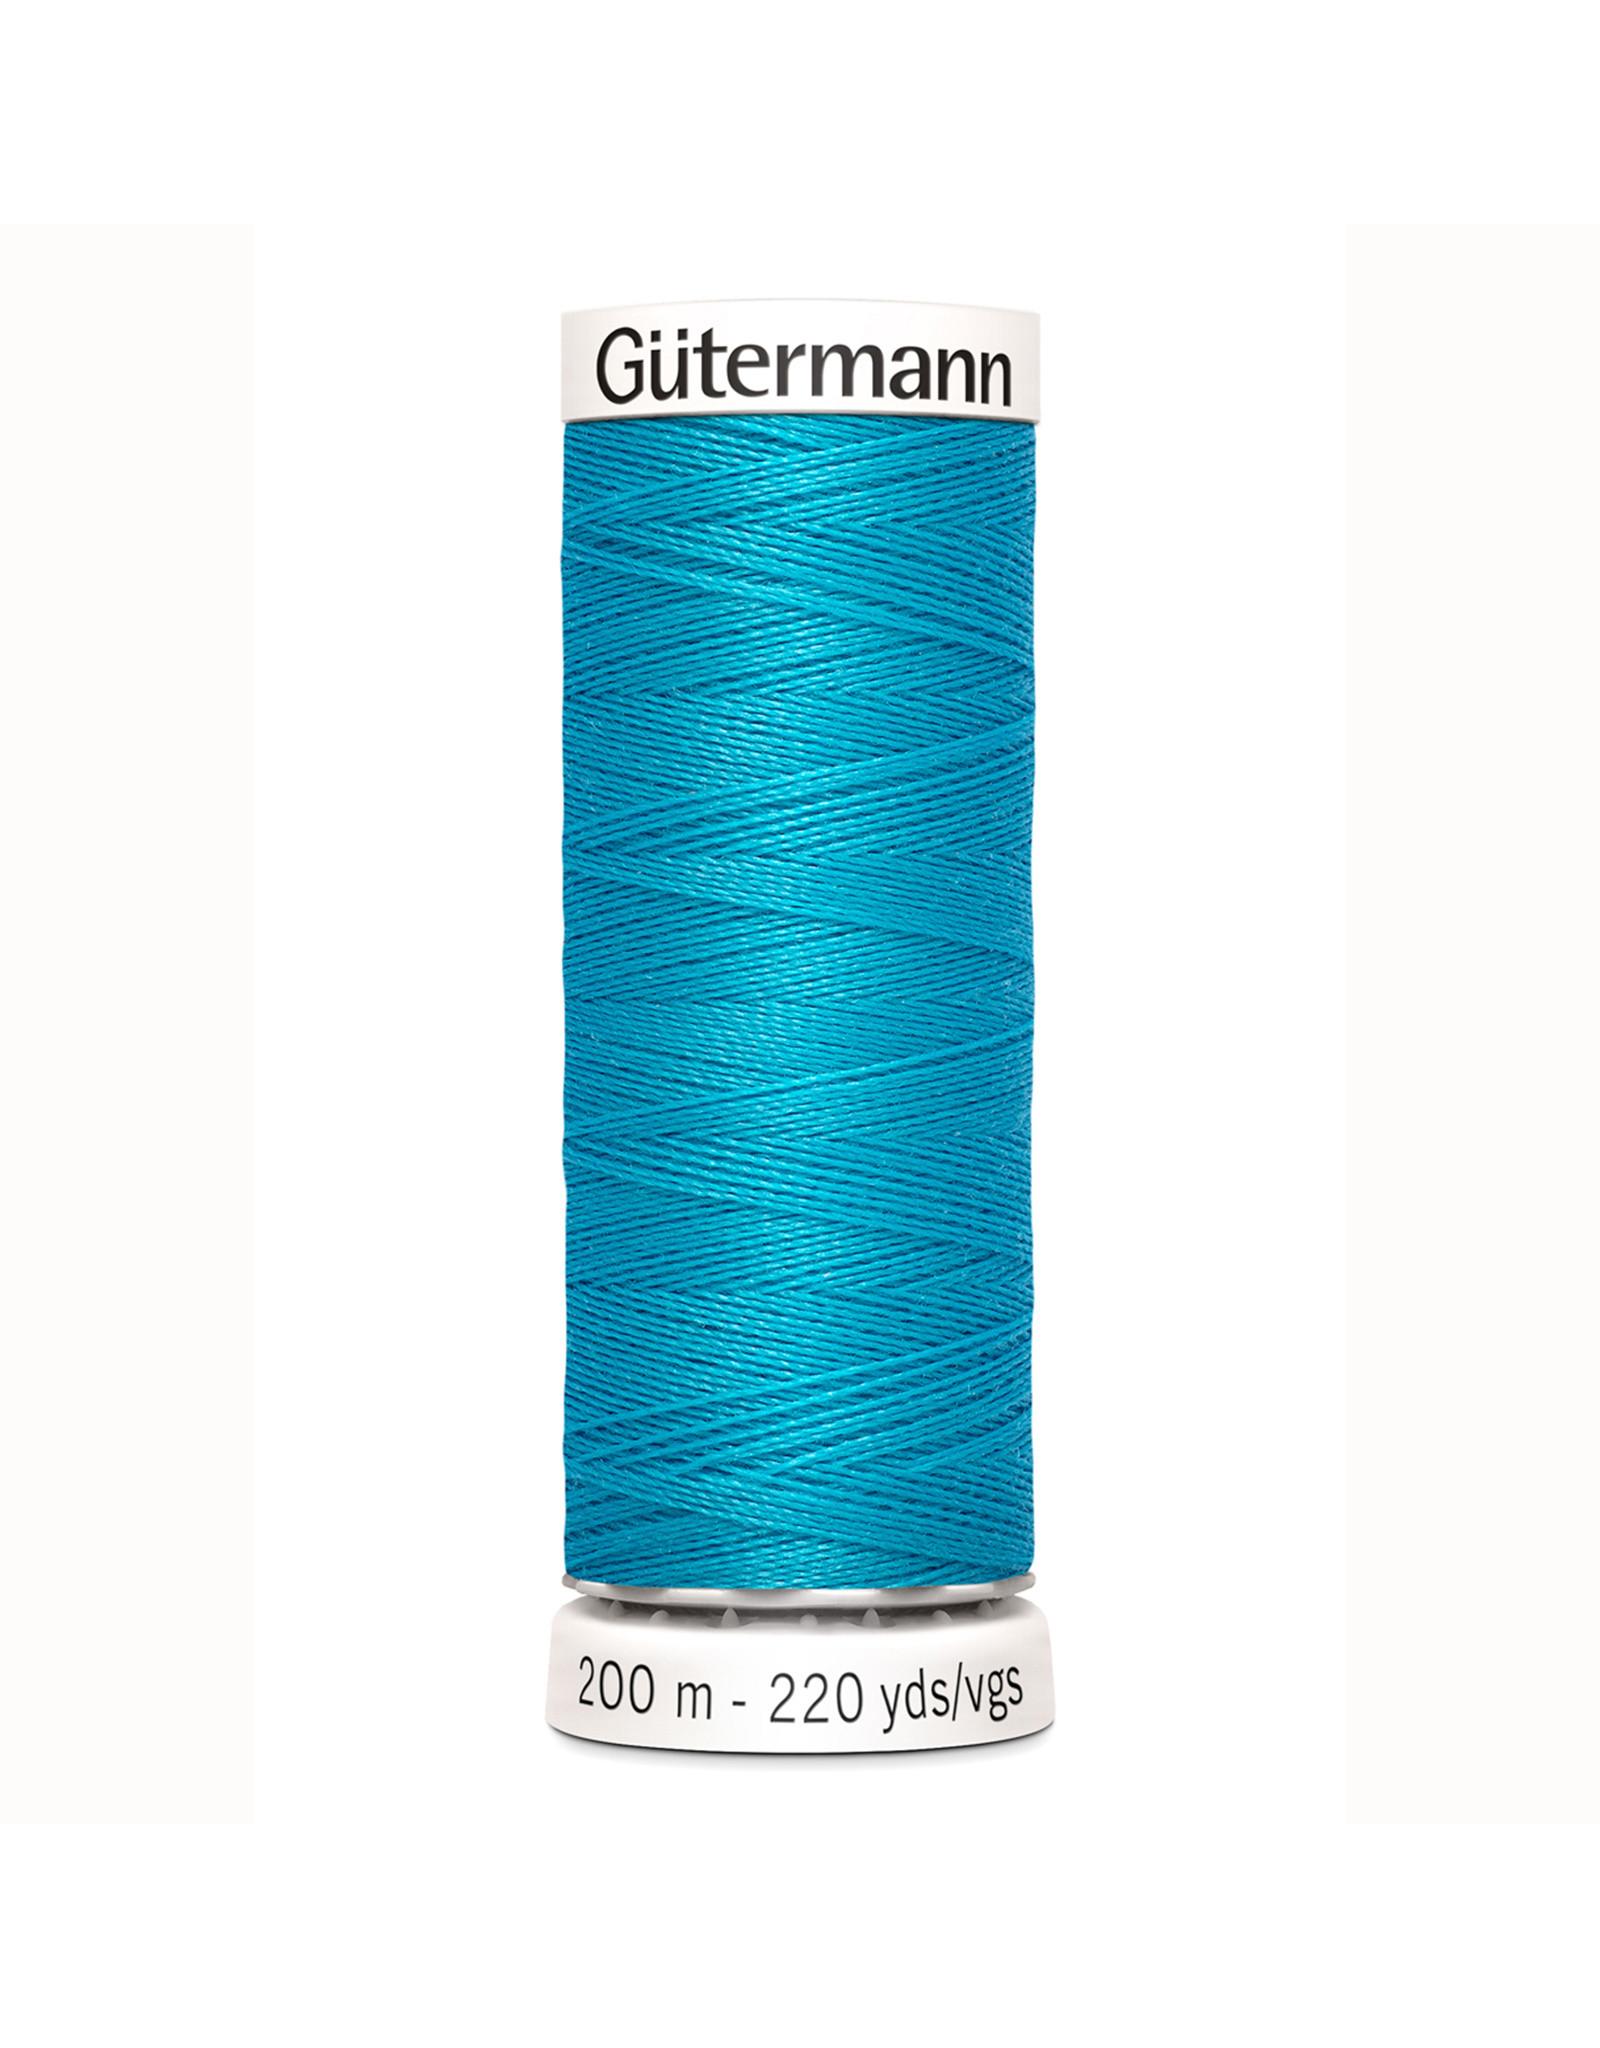 Gütermann Gütermann Nähgarn 200 m - nr 736